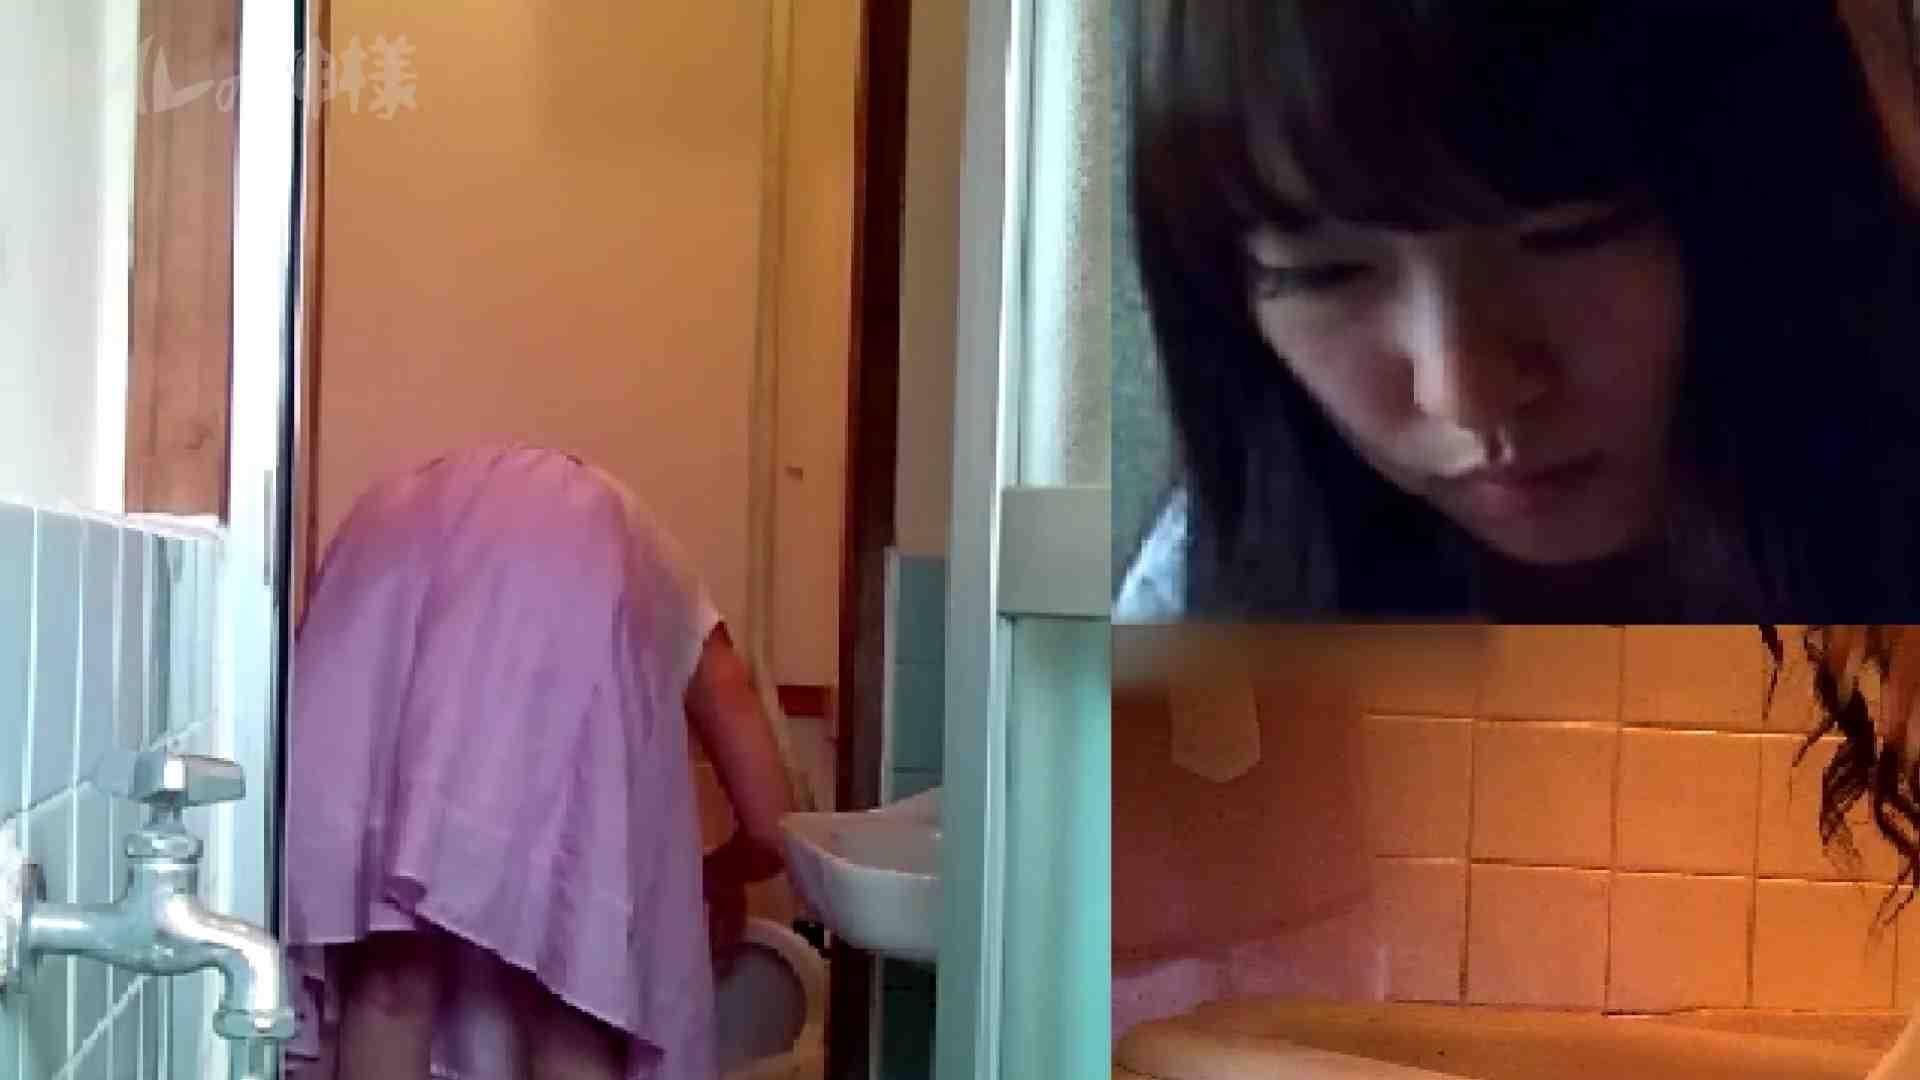 トイレの神様 Vol.09 美女のGEBOきれいに撮っています 美女達のヌード | トイレ中  75連発 69